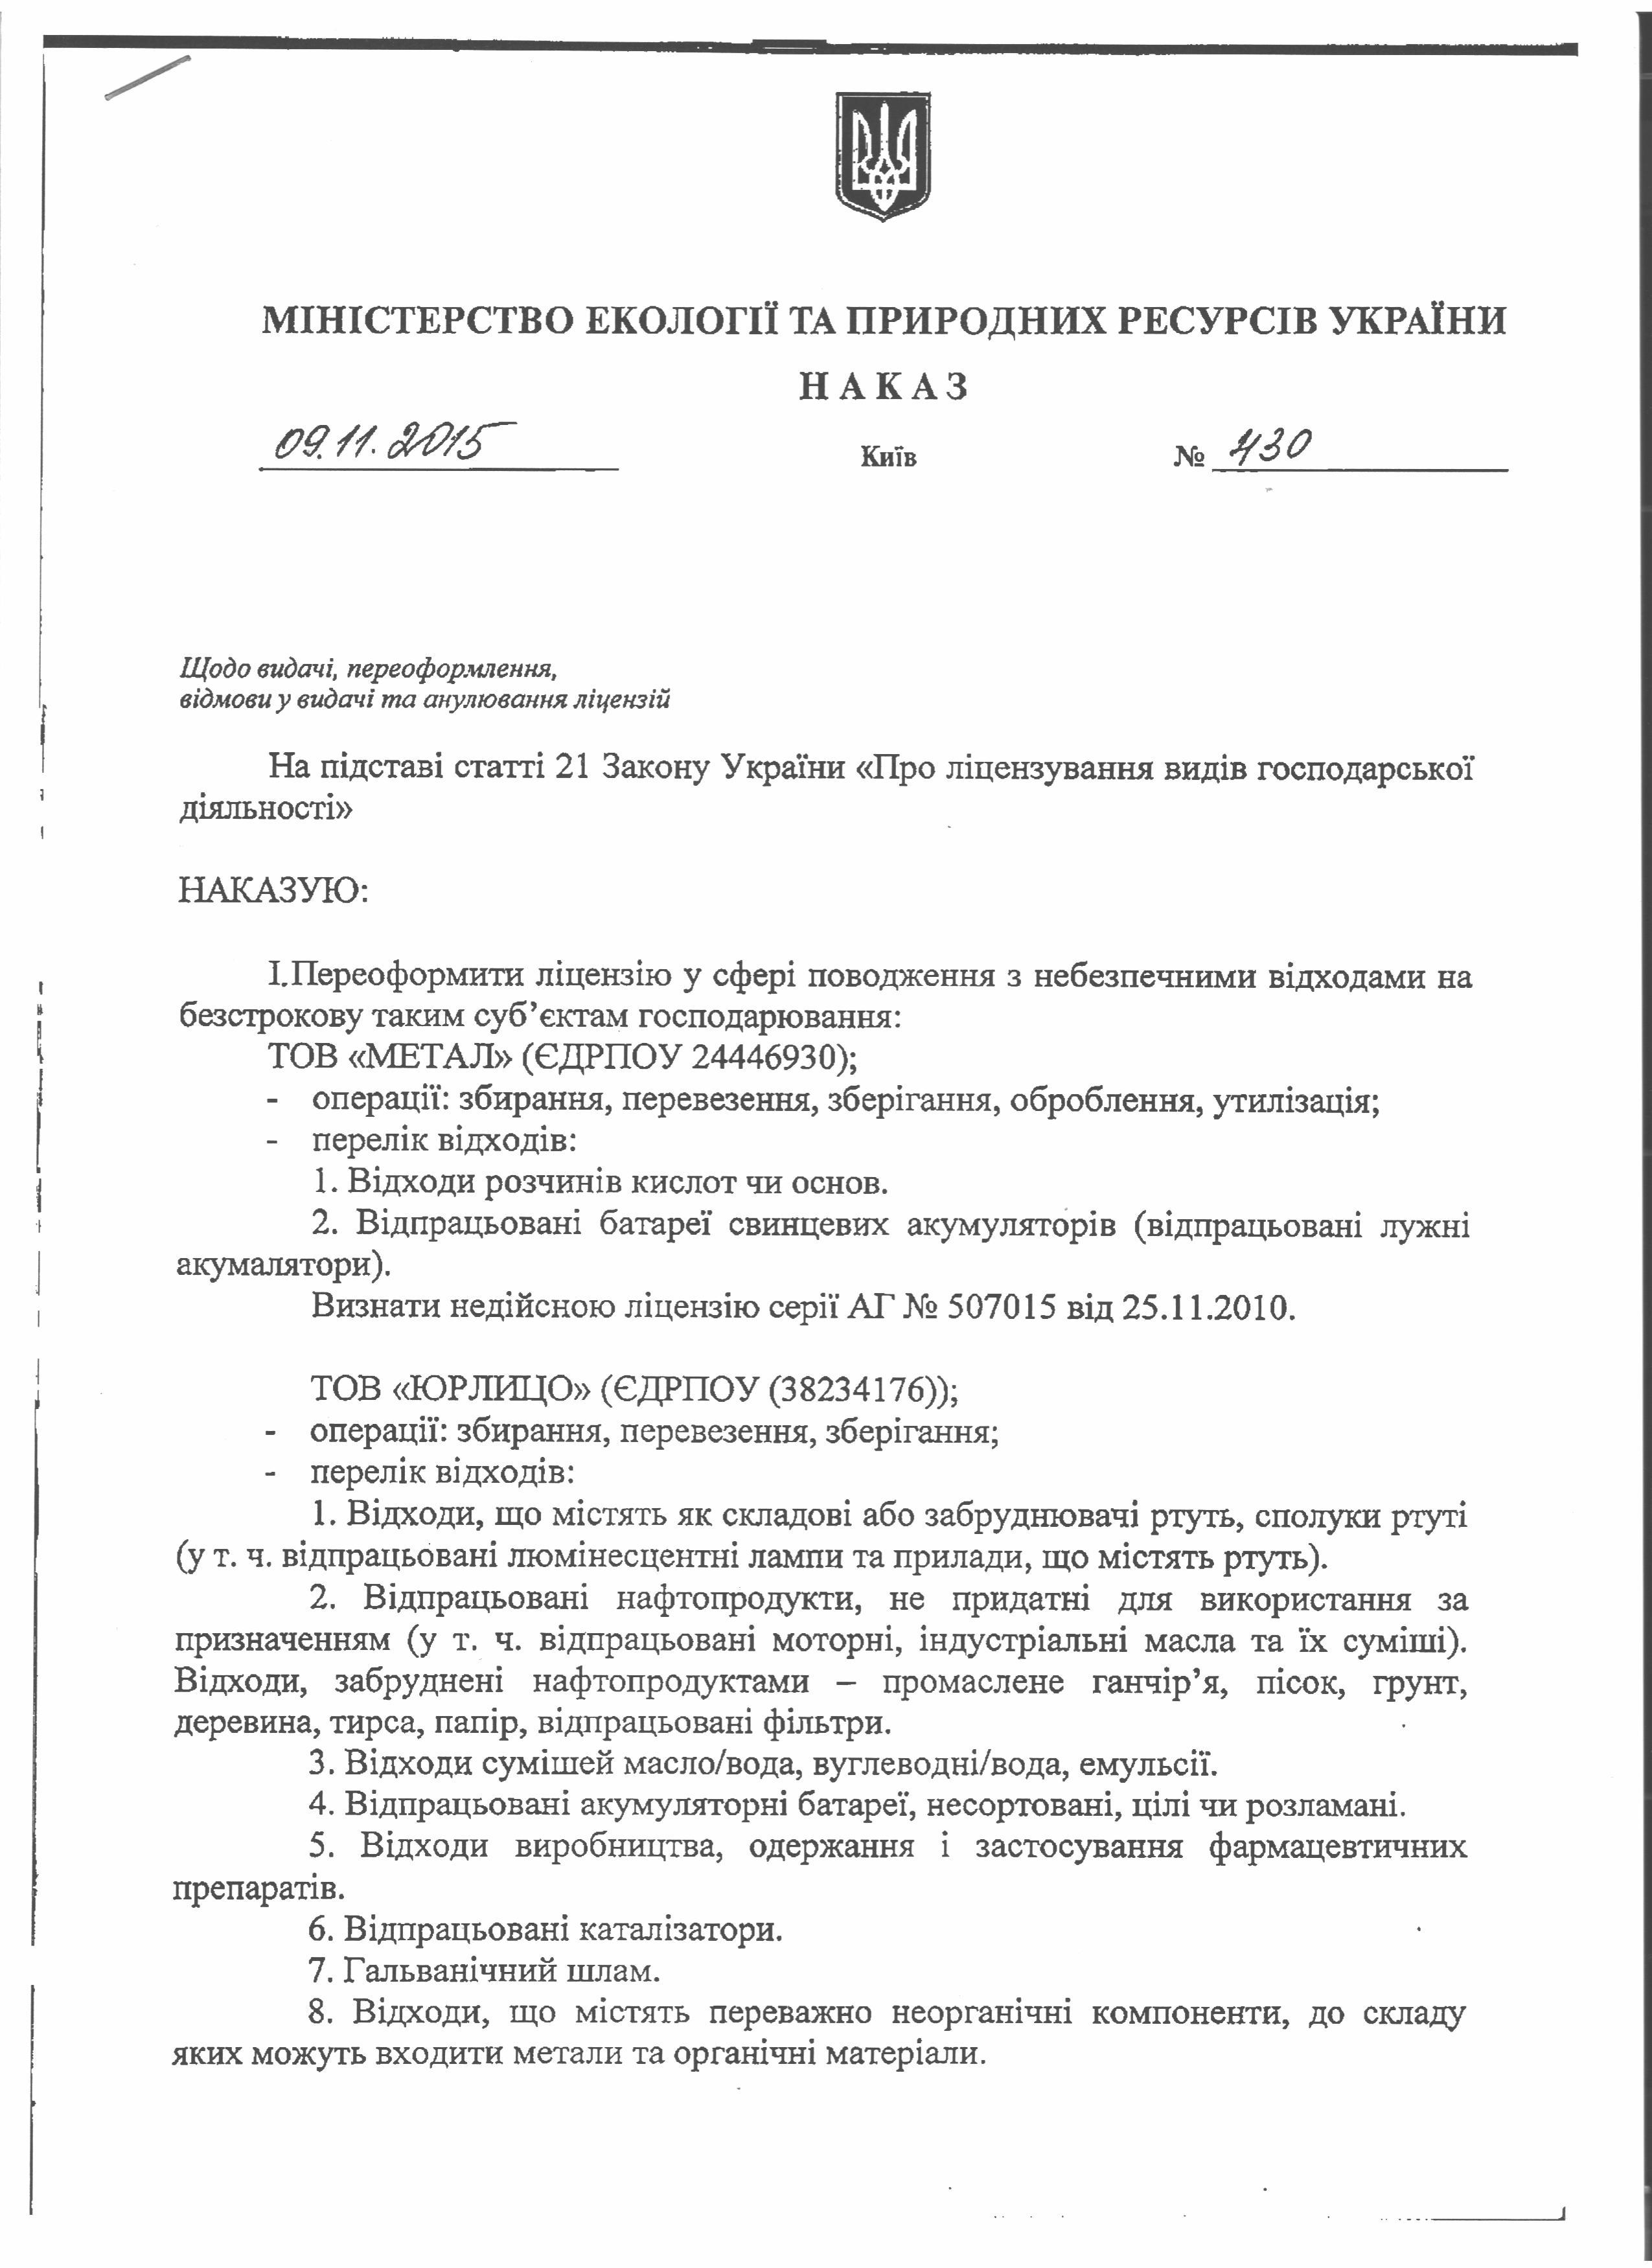 Приказ Минприроды Украины, про переоформление лицензии ООО ЮрЛицо 1 стр.